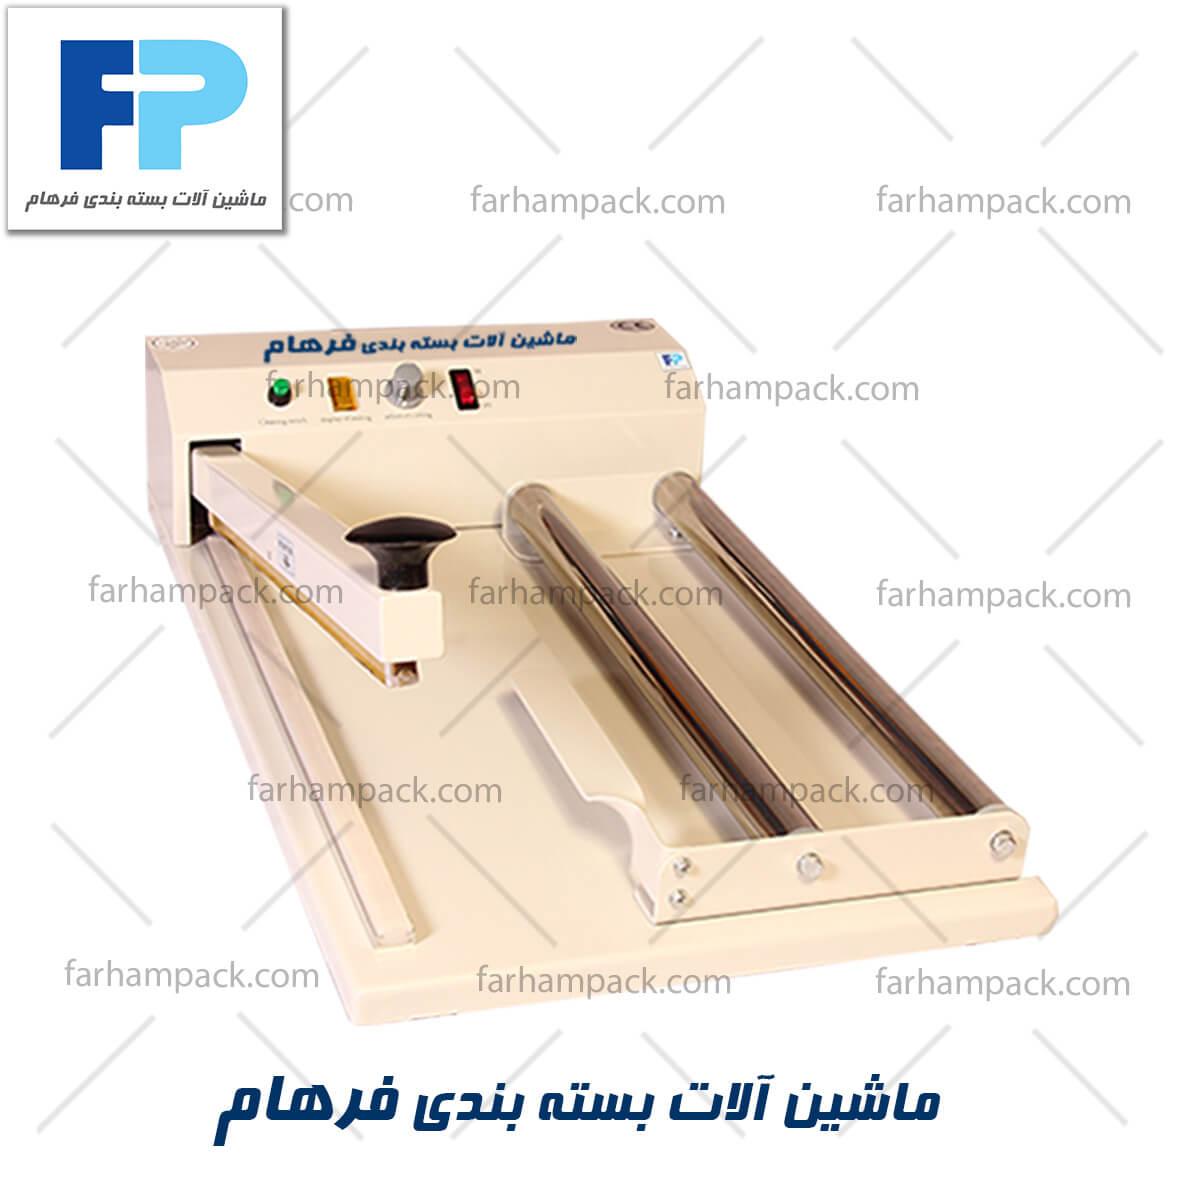 شیرینک بر رومیزی-شیرینک-شیرینک محصولات-قیمت دستگاه شیرینک-بسته بندی محصولات